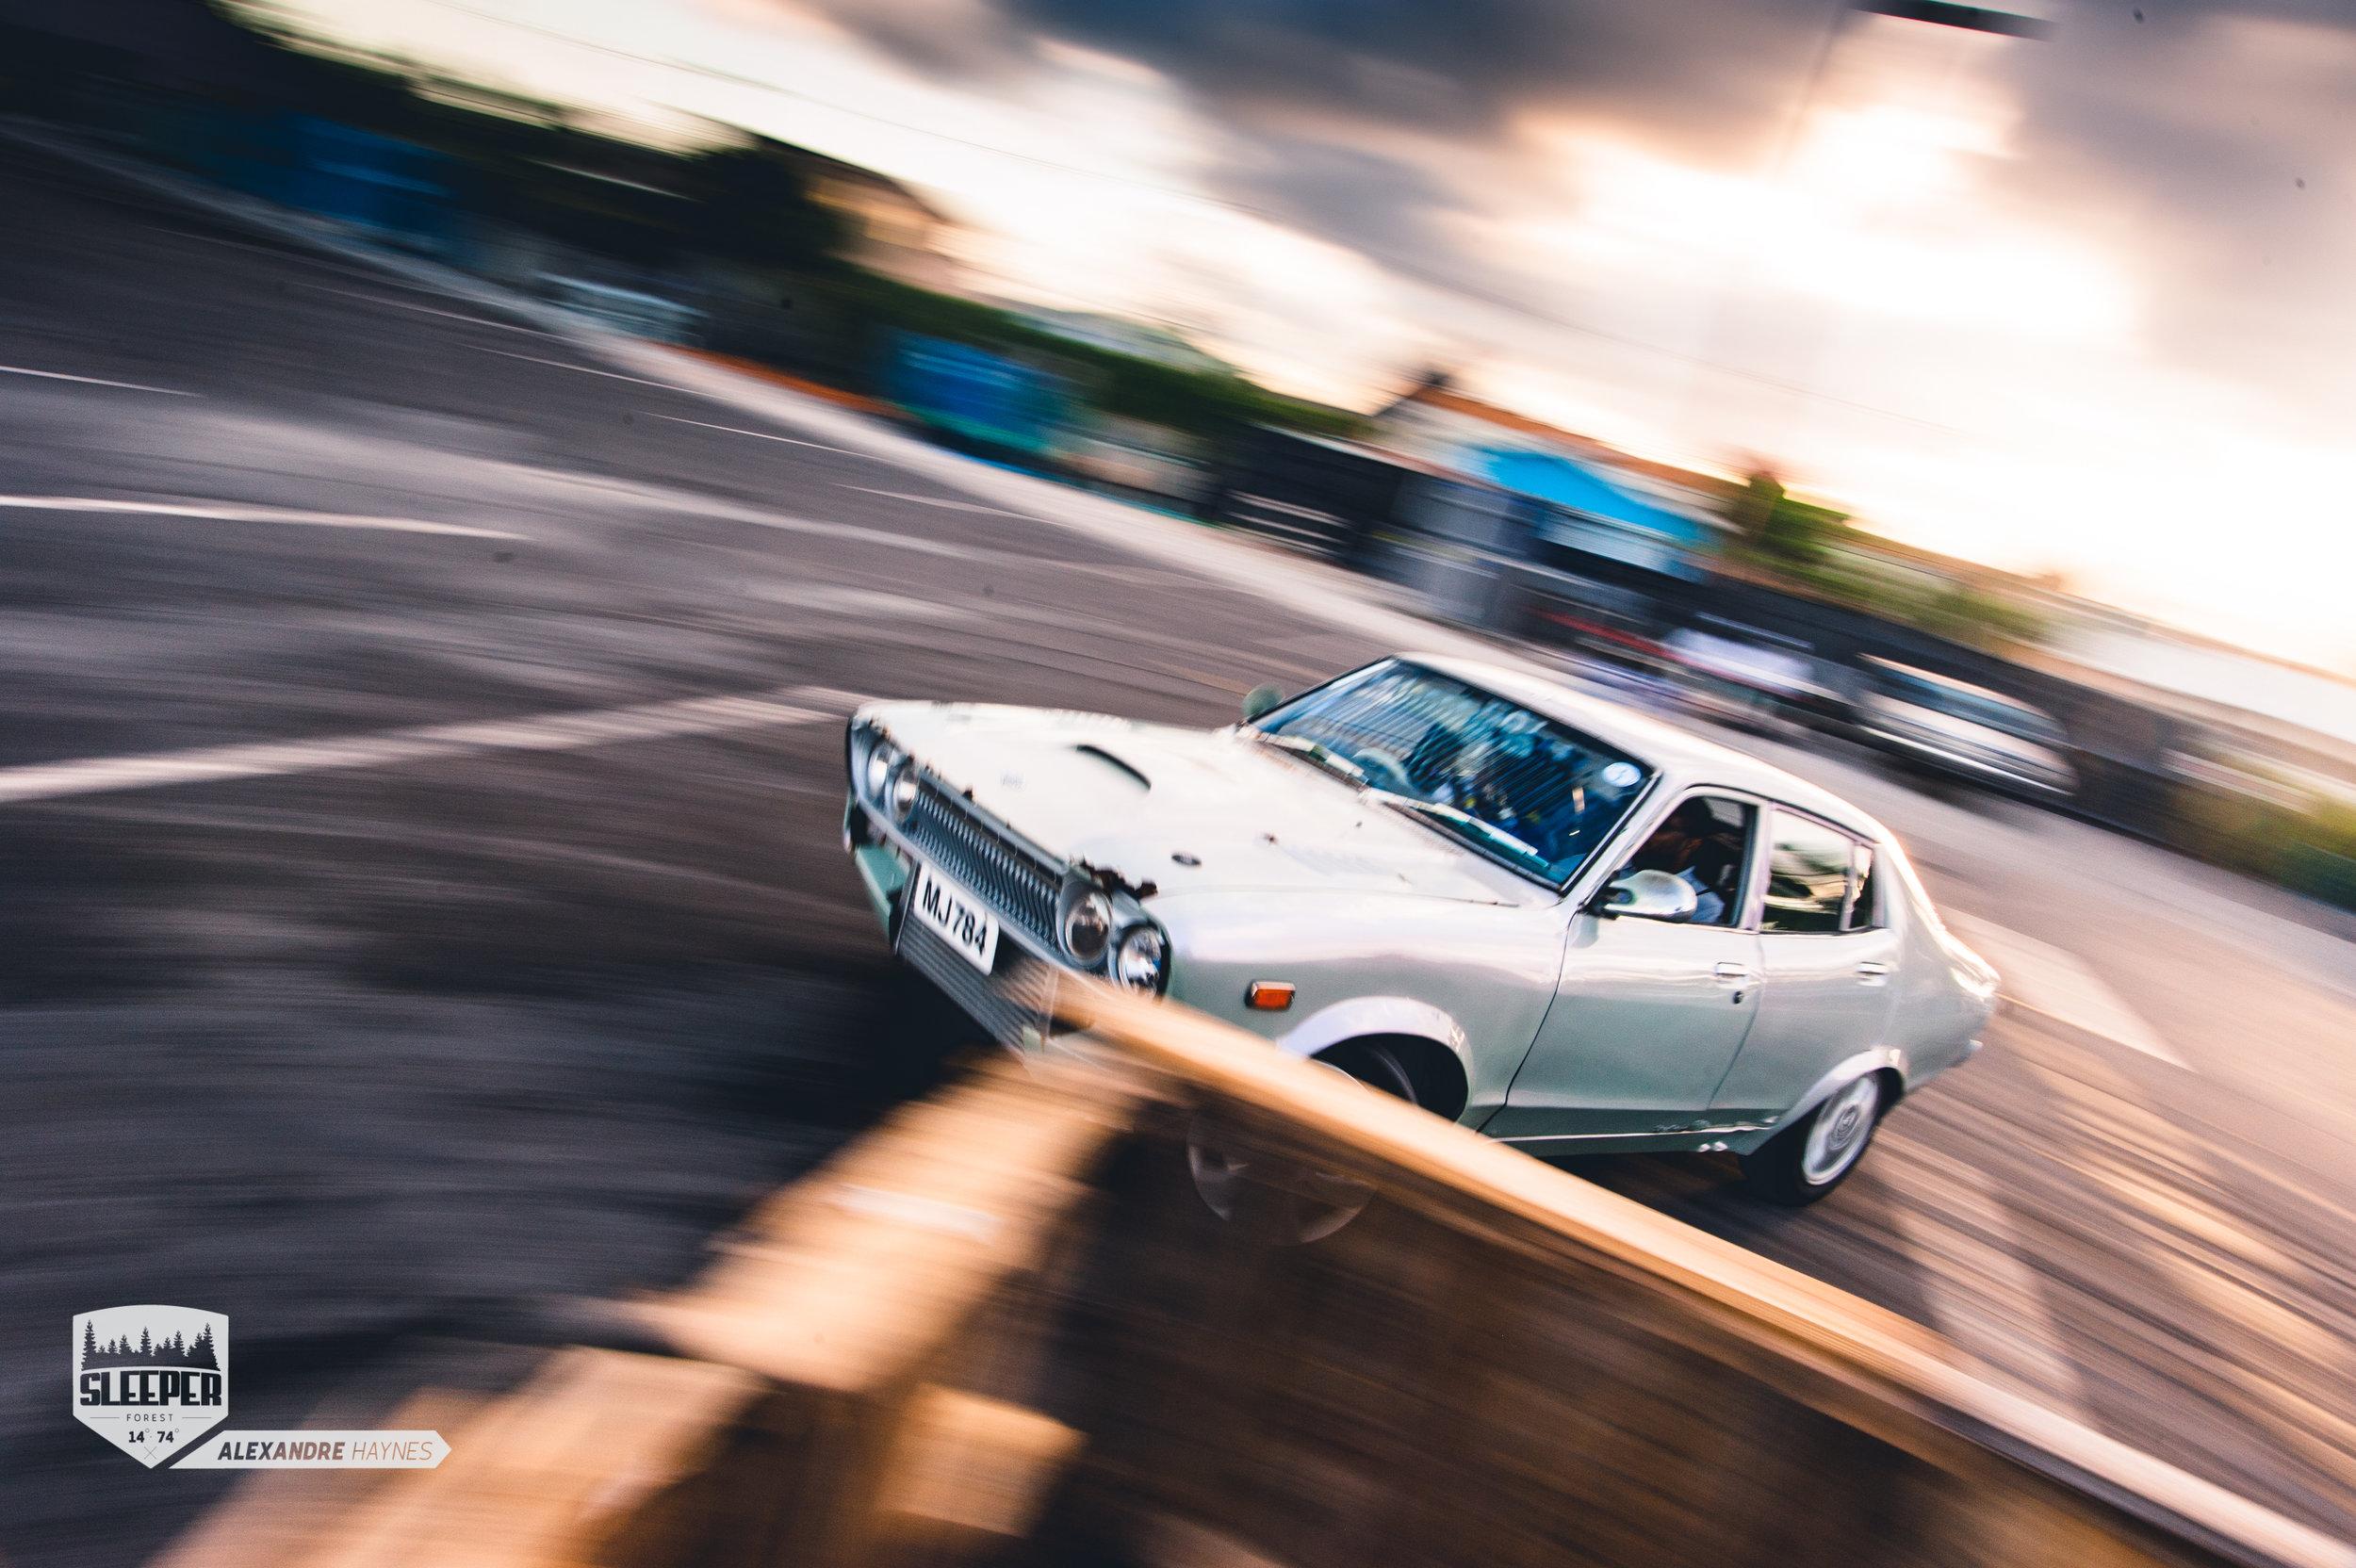 Datsun 120Y Sideways